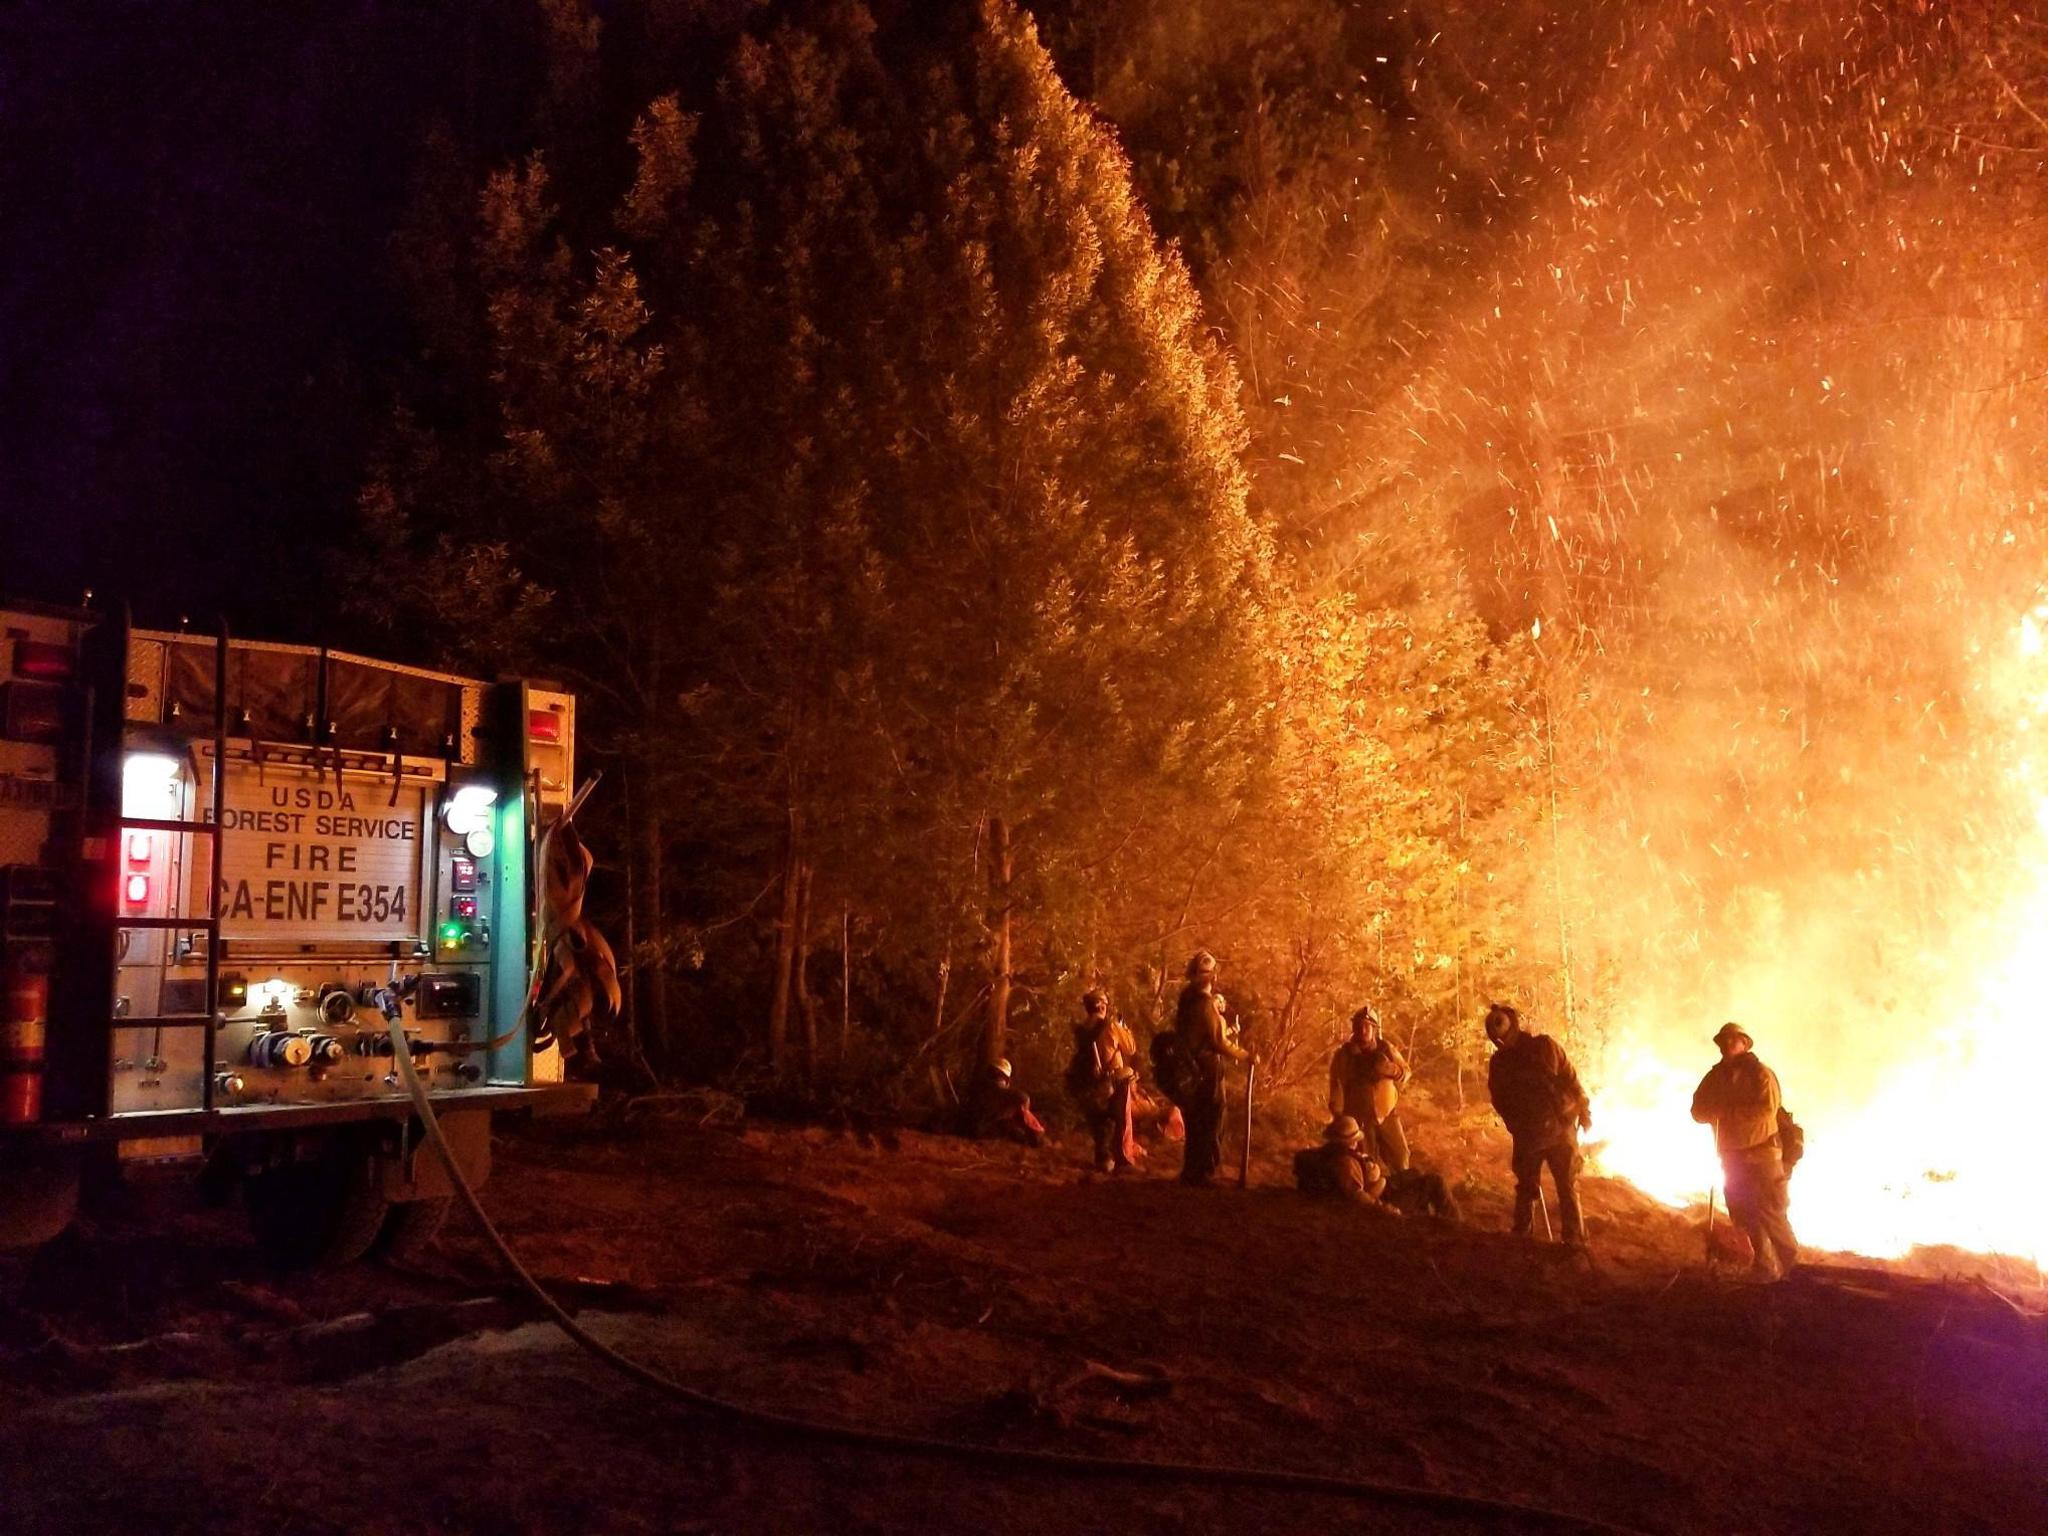 KALIFORNIJA Požar koji je odnio 85 života u potpunosti stavljen pod kontrolu